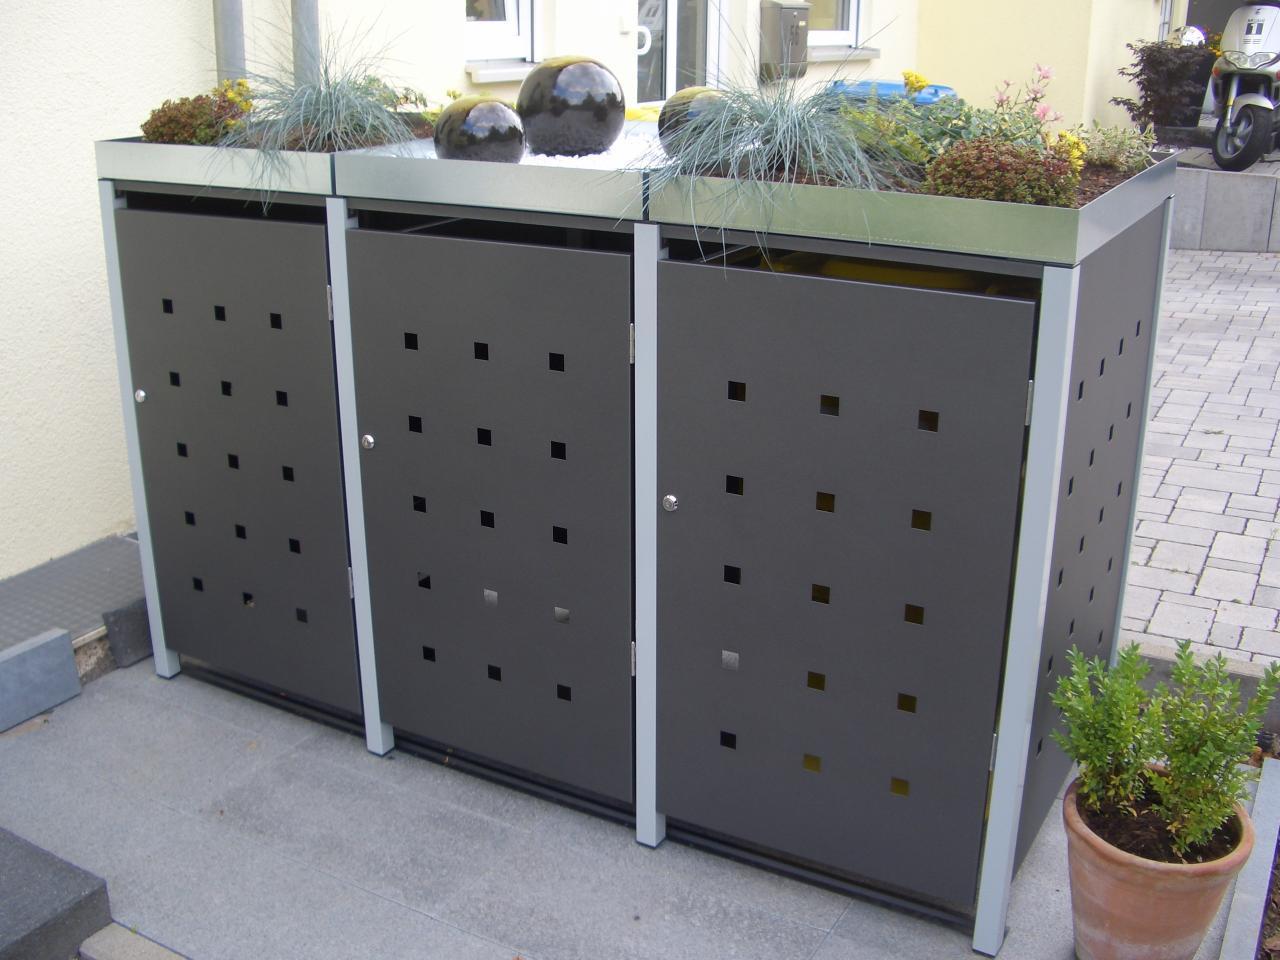 mülltonnenbox müllbox metall 120 liter - größe s